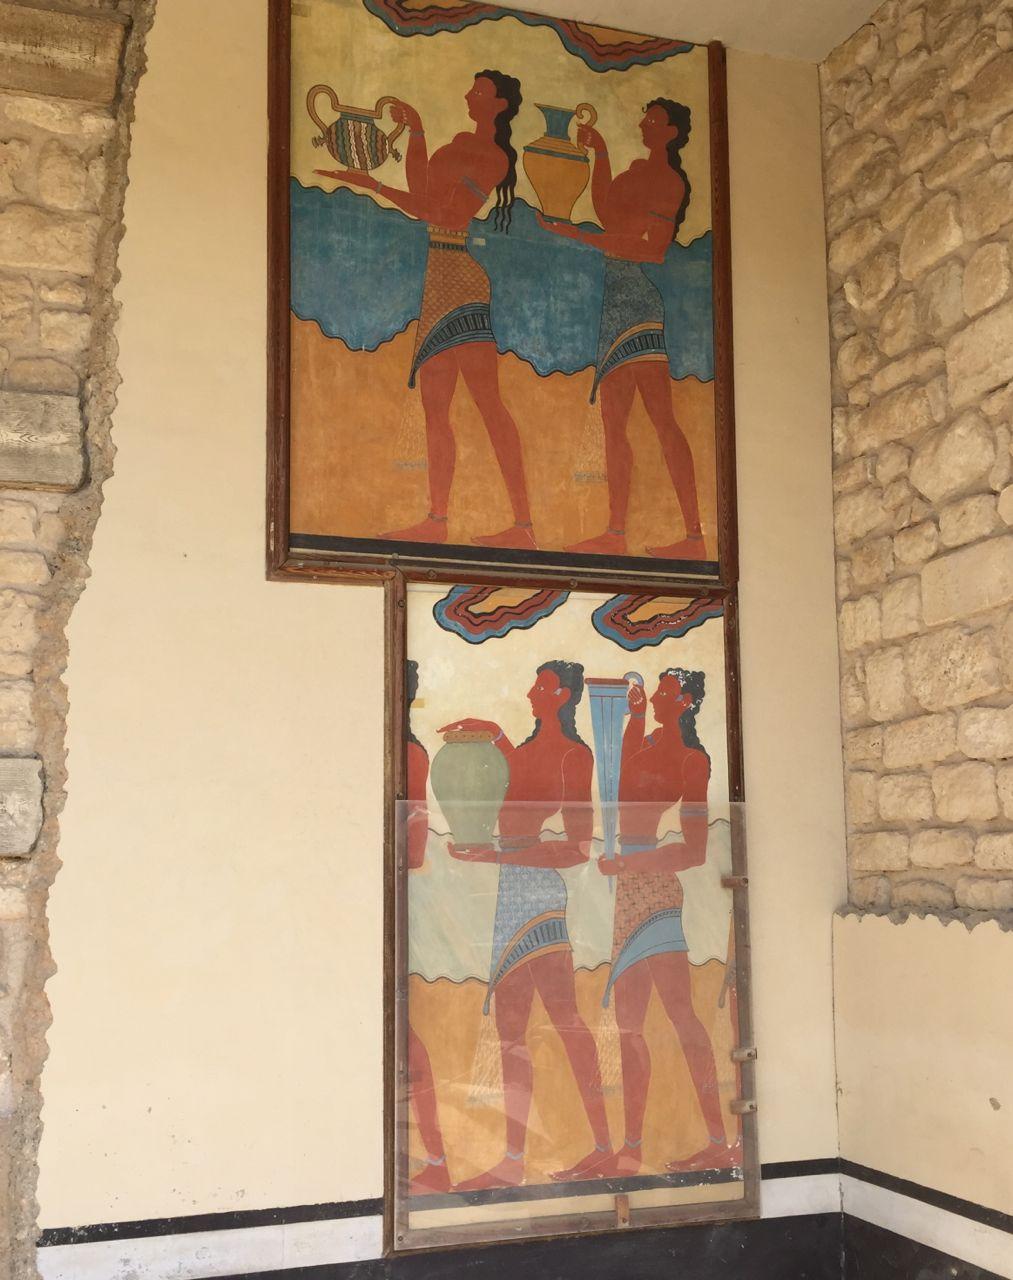 Knossos-mural.jpg